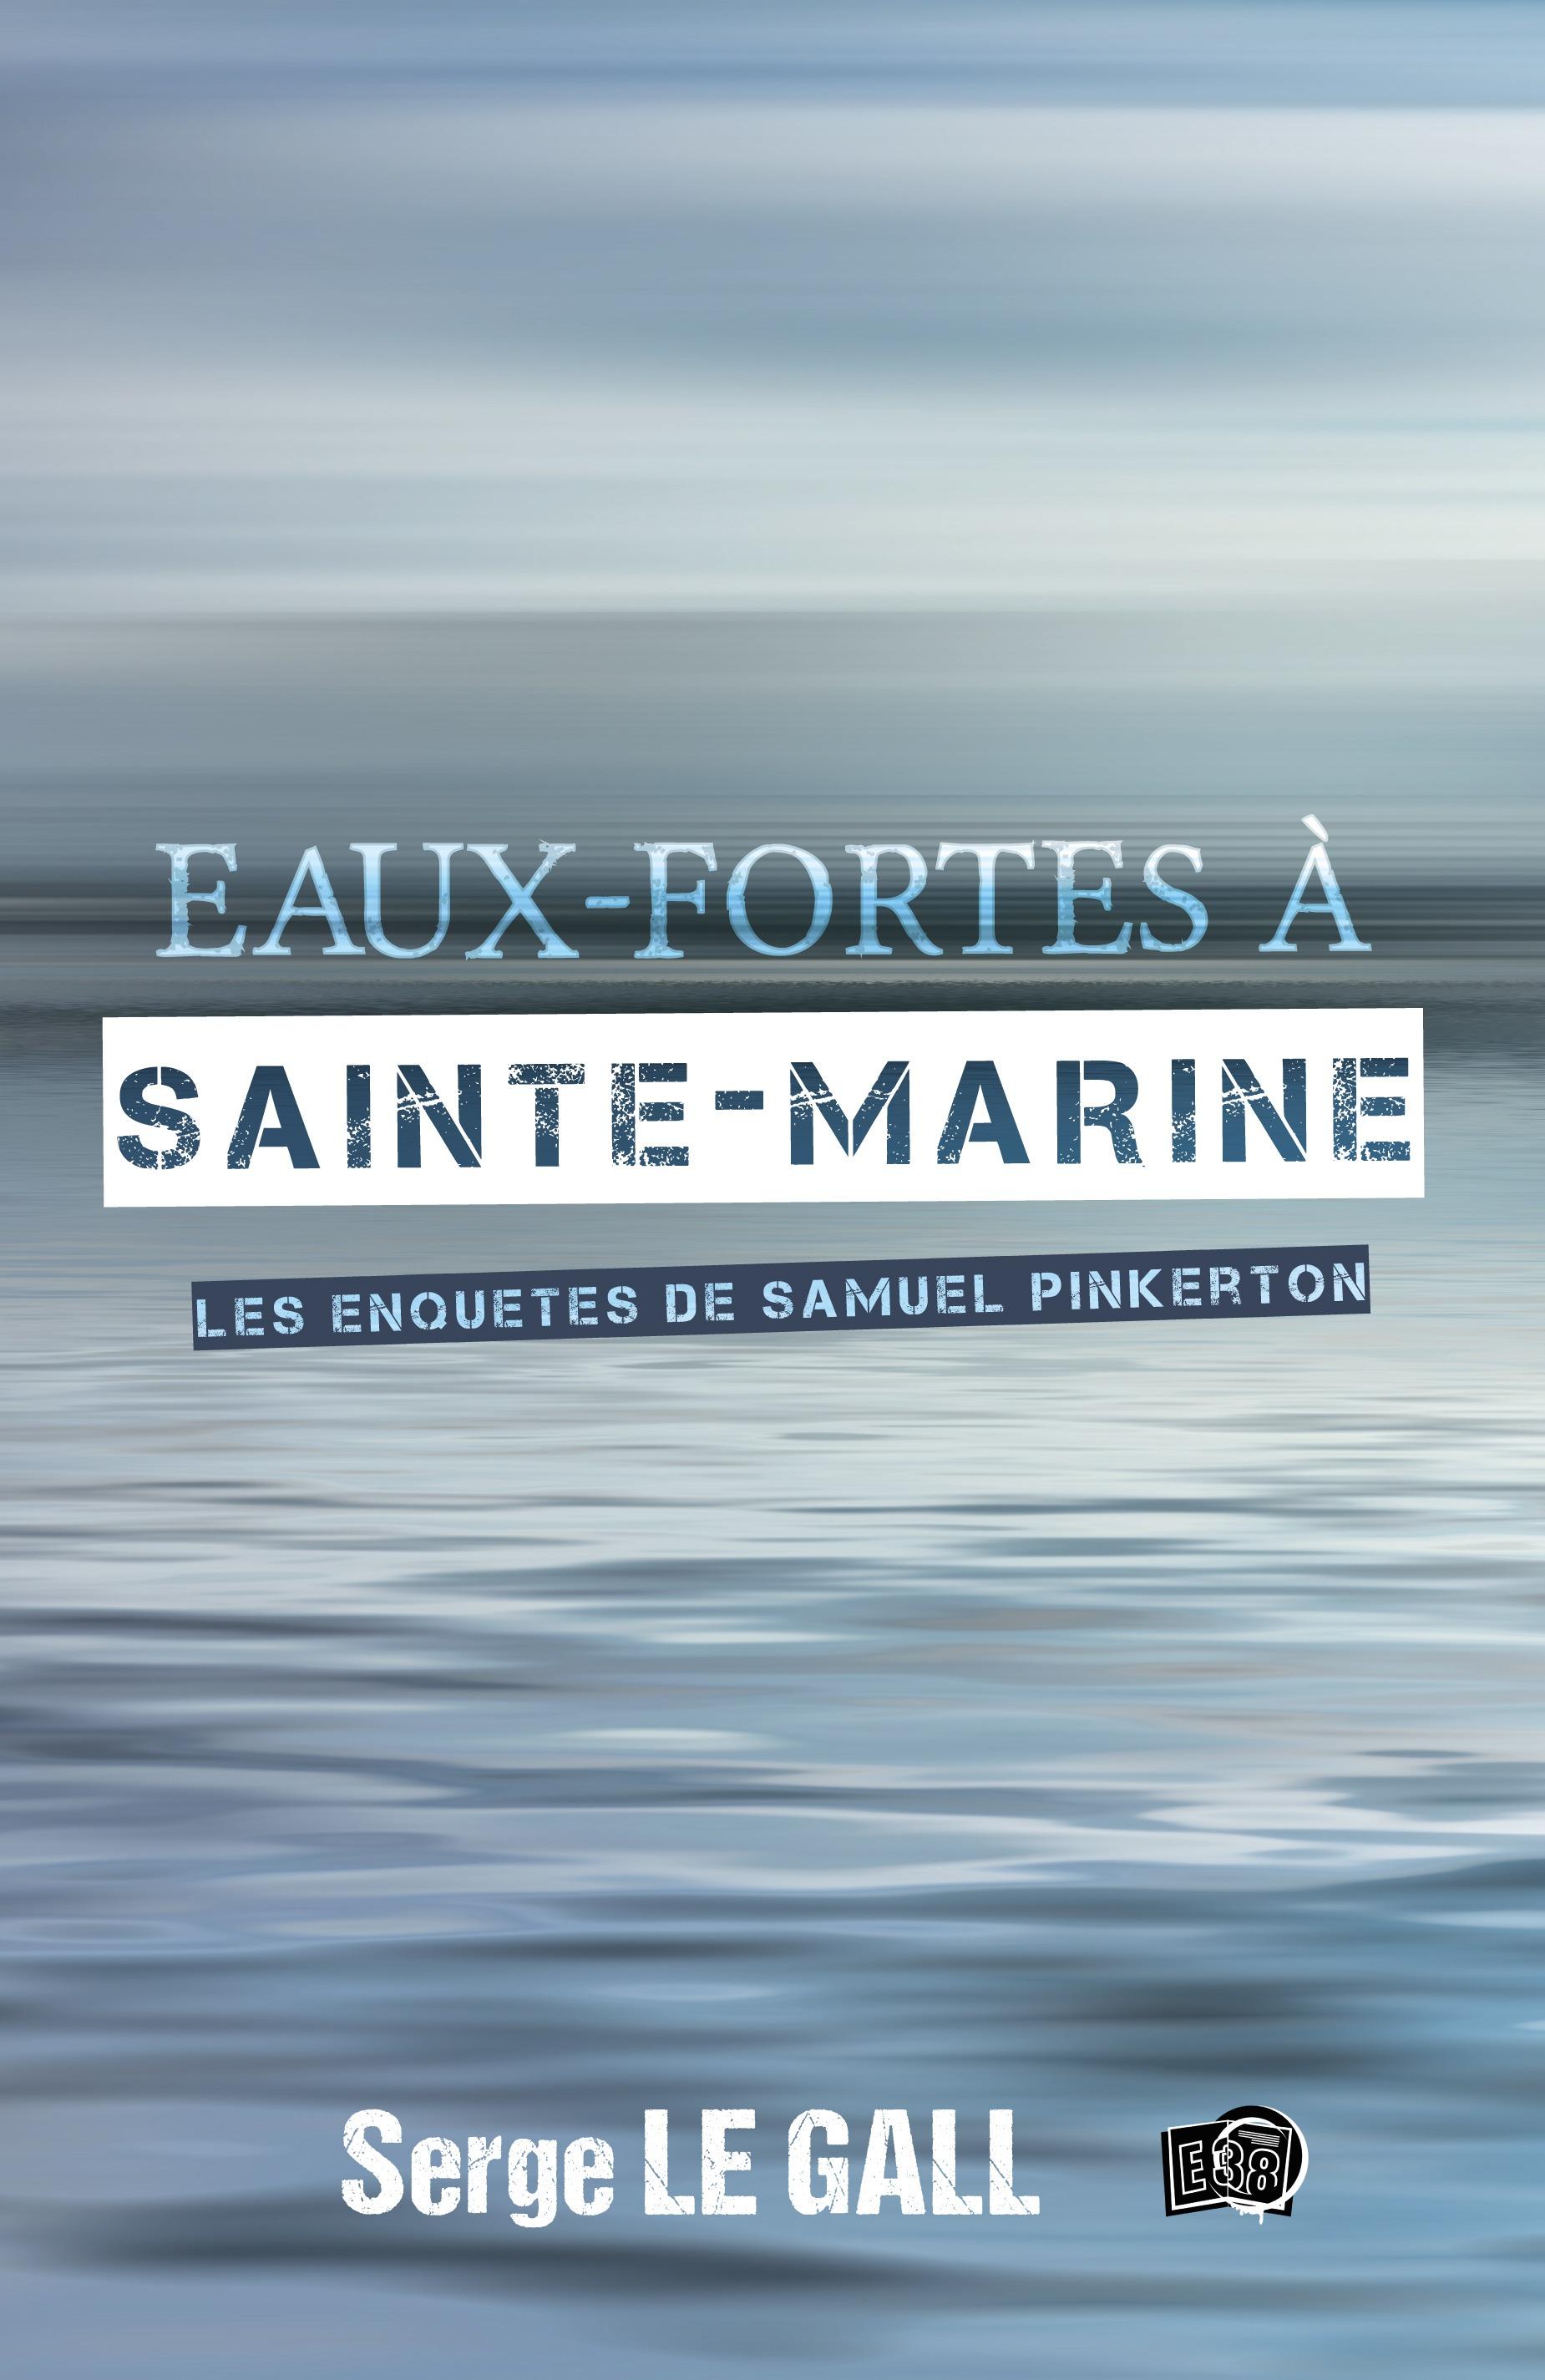 Eaux-fortes à Sainte-Marine, LES ENQUÊTES DE SAMUEL PINKERTON